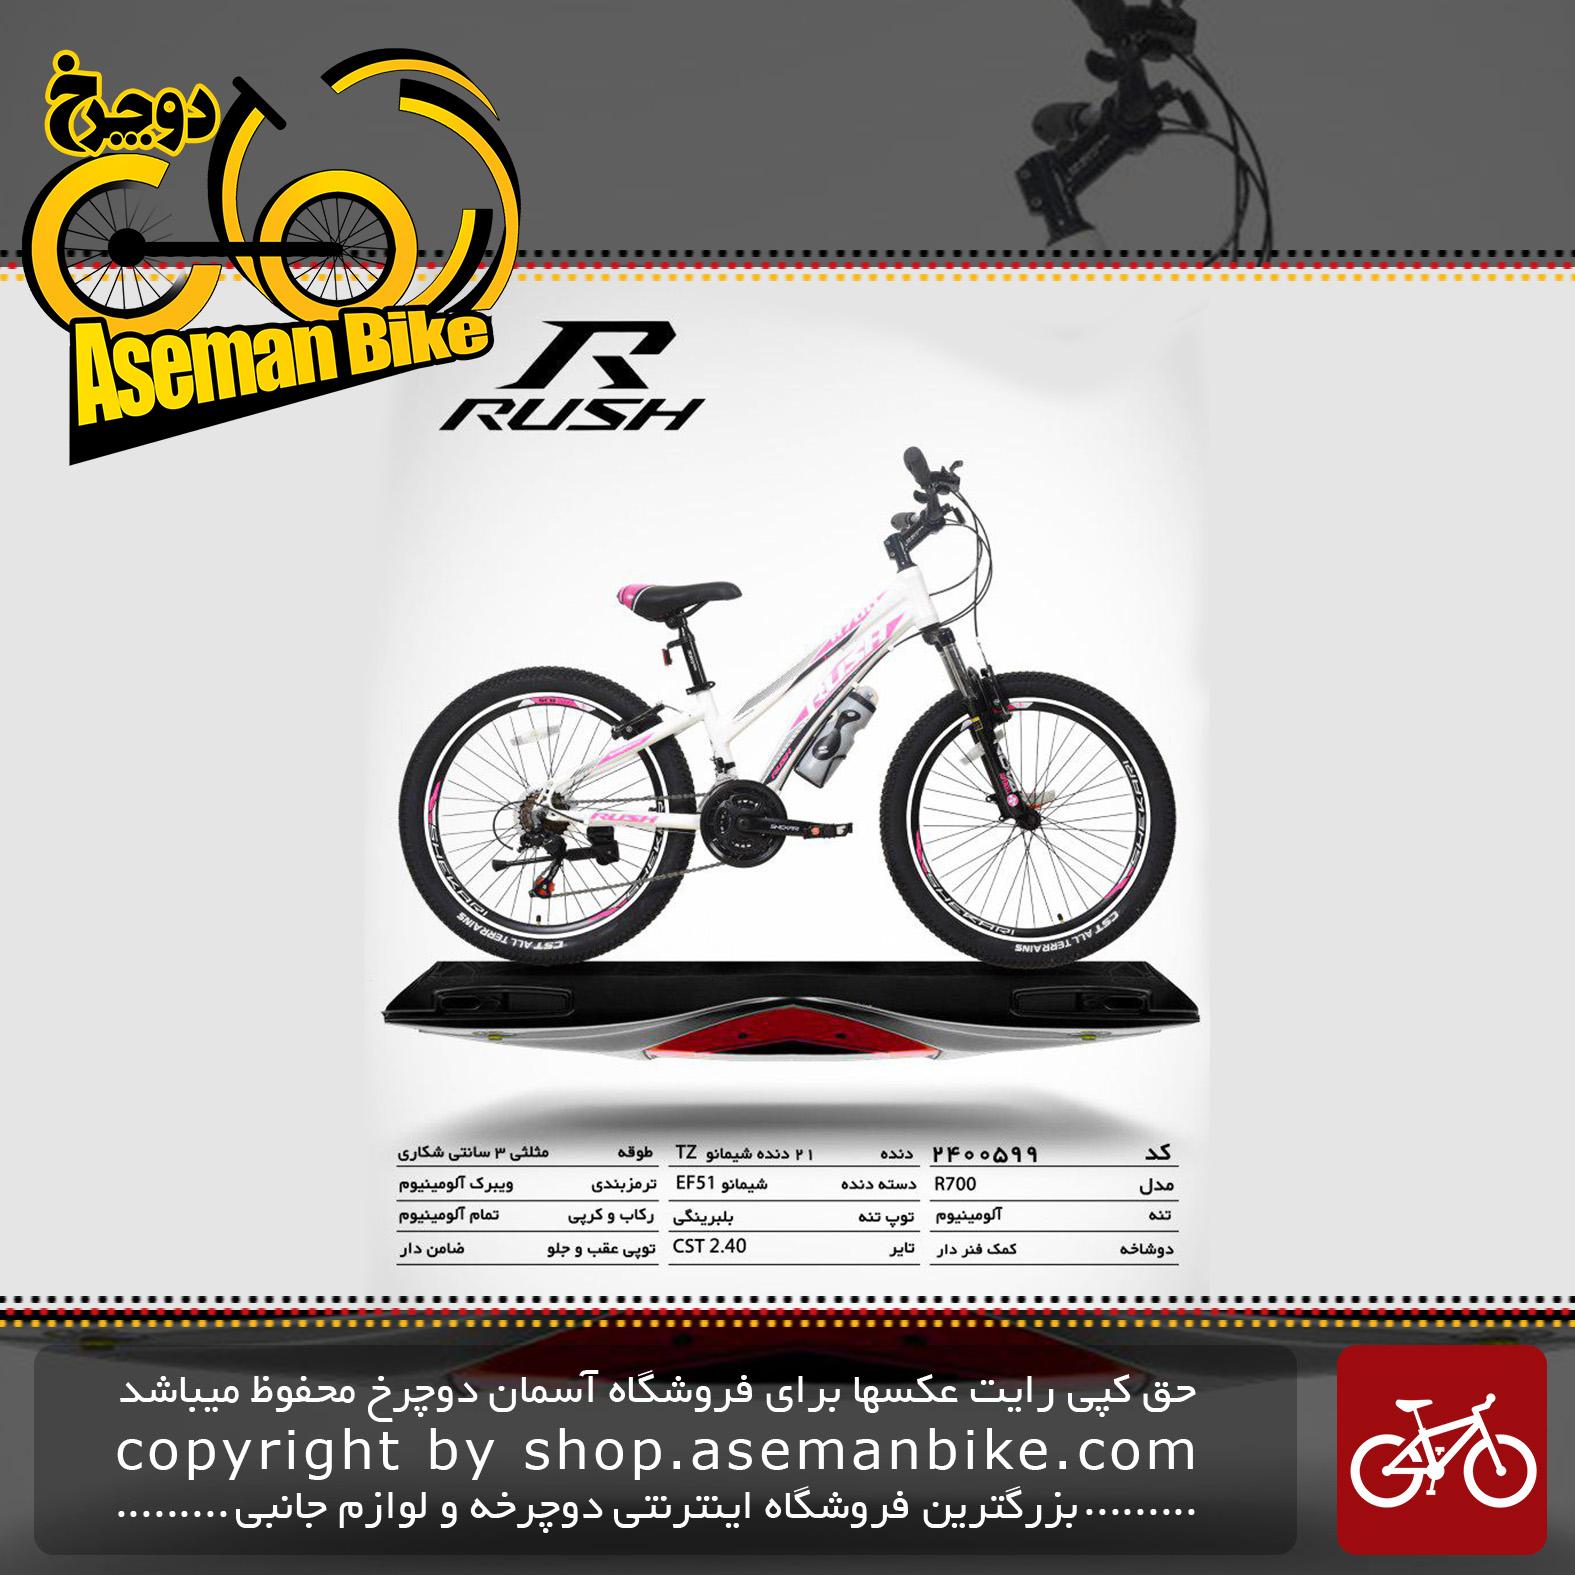 دوچرخه کوهستان شهری راش 21 دنده شیمانو تی اس مدل آر 700 سایز 24 تنه آلمینیوم ساخت تایوانrush bicycle 24 21 speed shimano tz aluminum vb r 700 2019